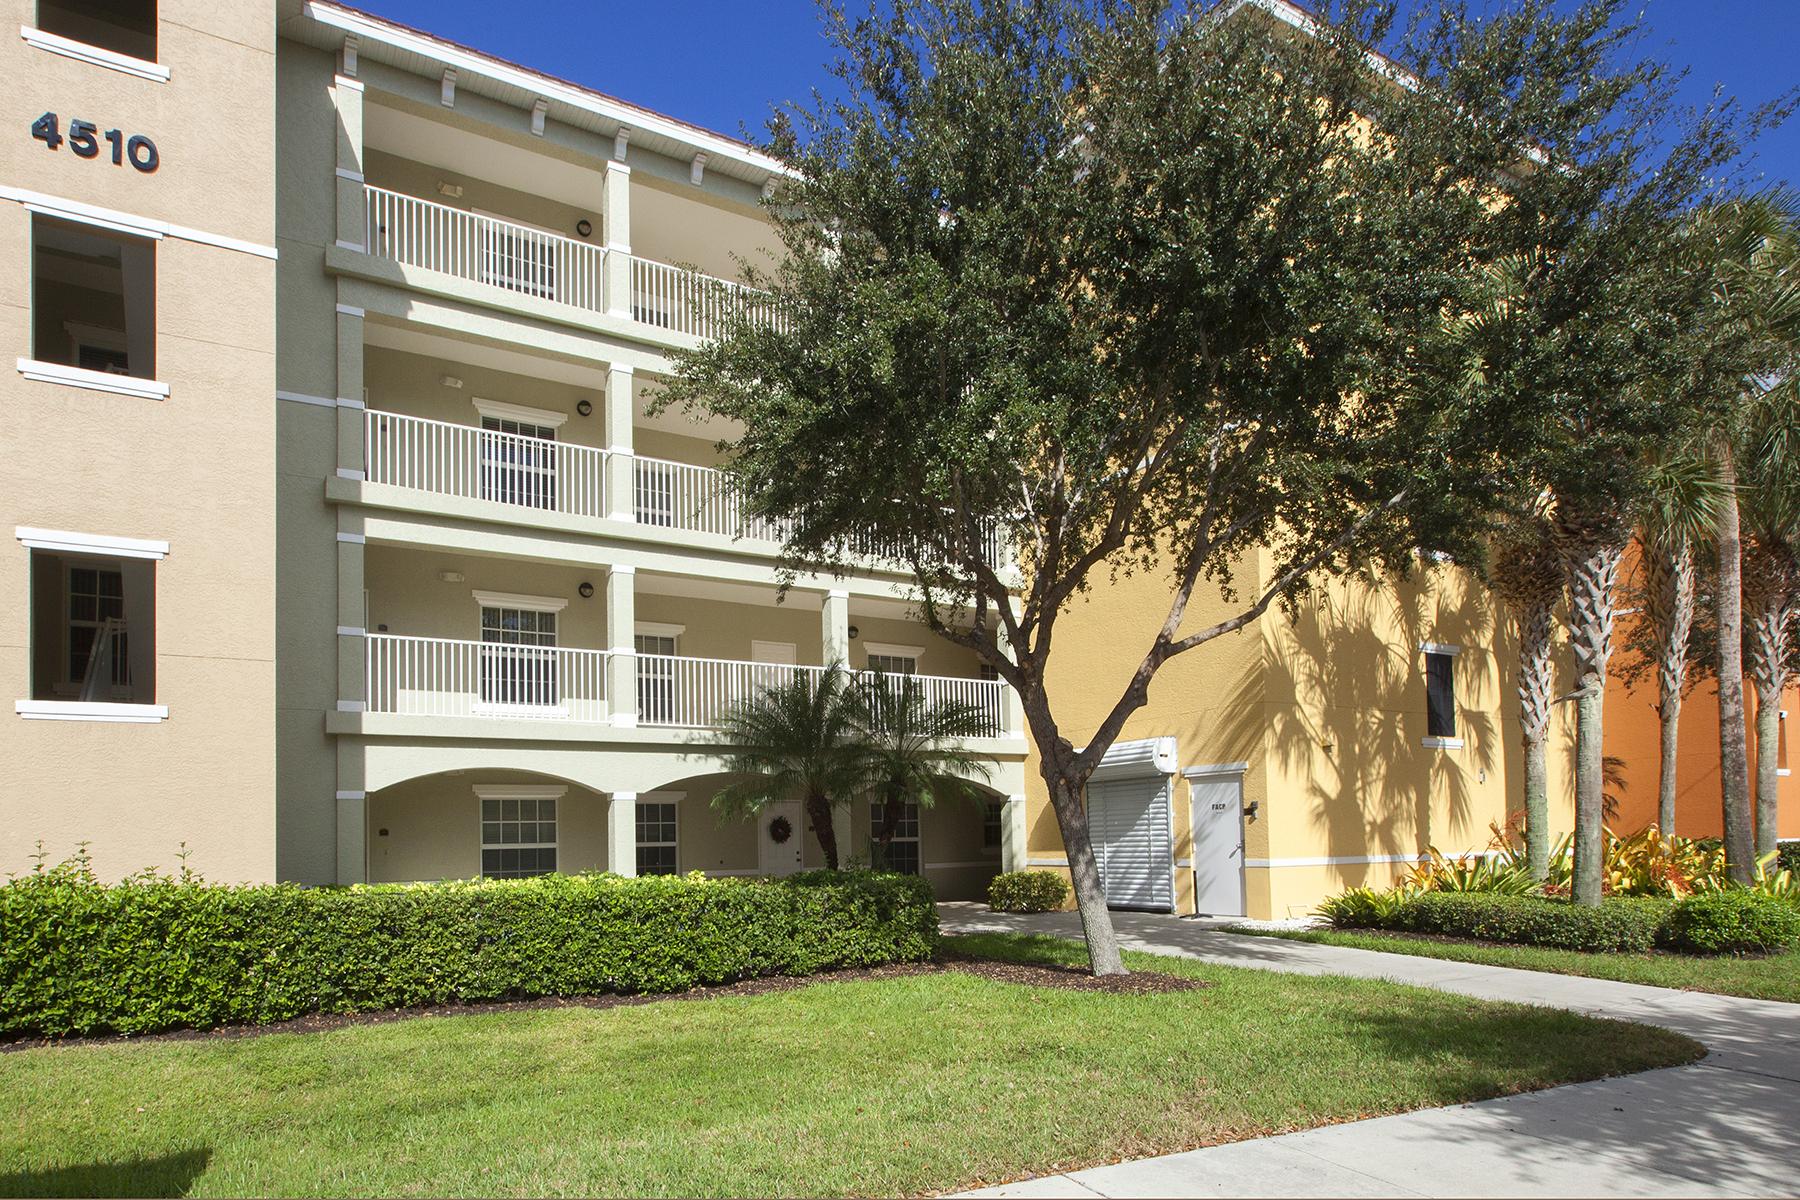 Eigentumswohnung für Verkauf beim Naples 4510 Botanical Place Cir 302 Naples, Florida, 34112 Vereinigte Staaten